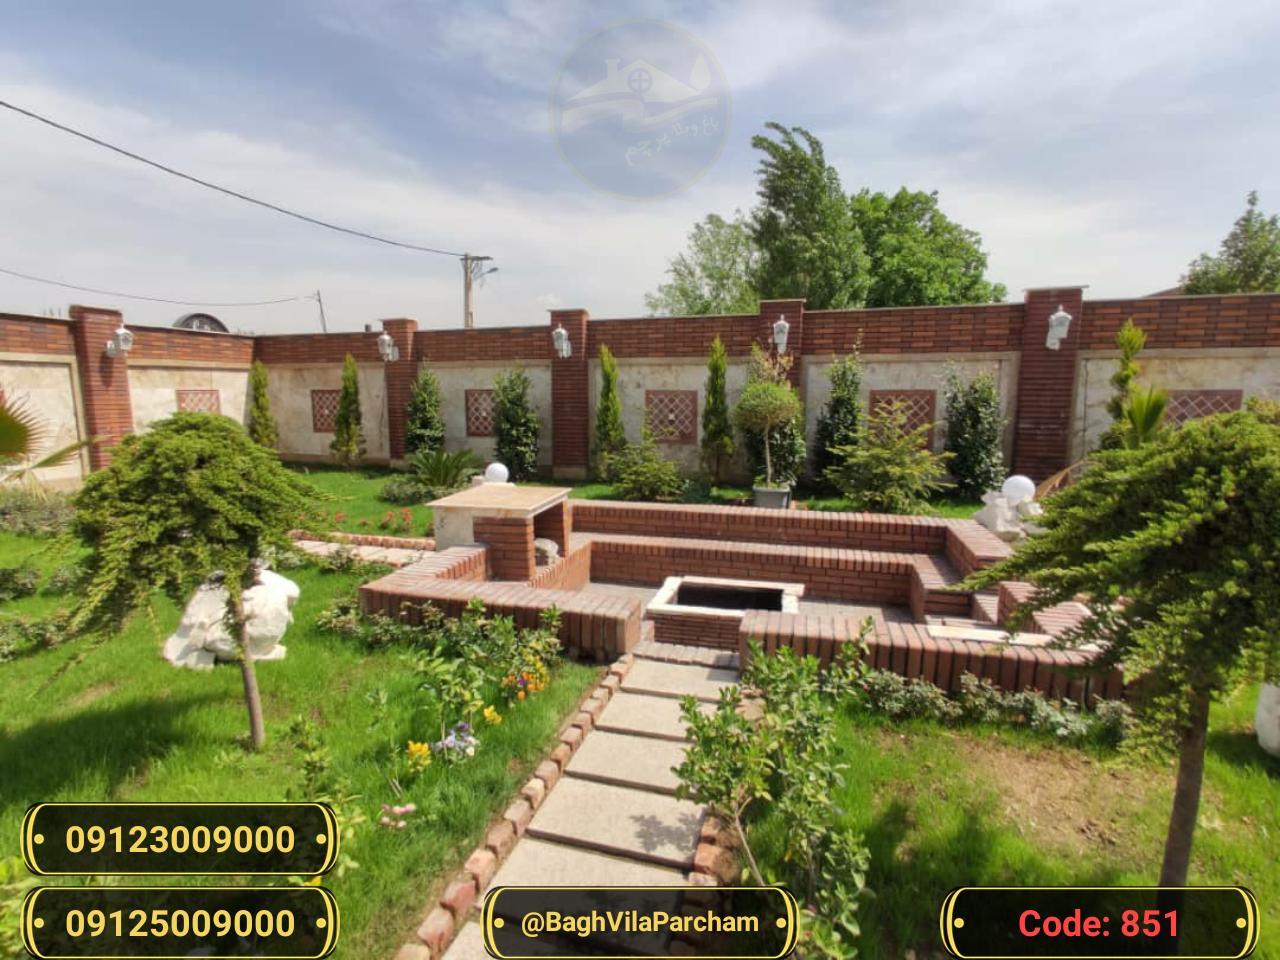 تصویر عکس باغ ویلا شماره 7 از ویلای ۵۵۰ متر ویلا مدرن Picture photo image 7 of ۵۵۰ متر ویلا مدرن